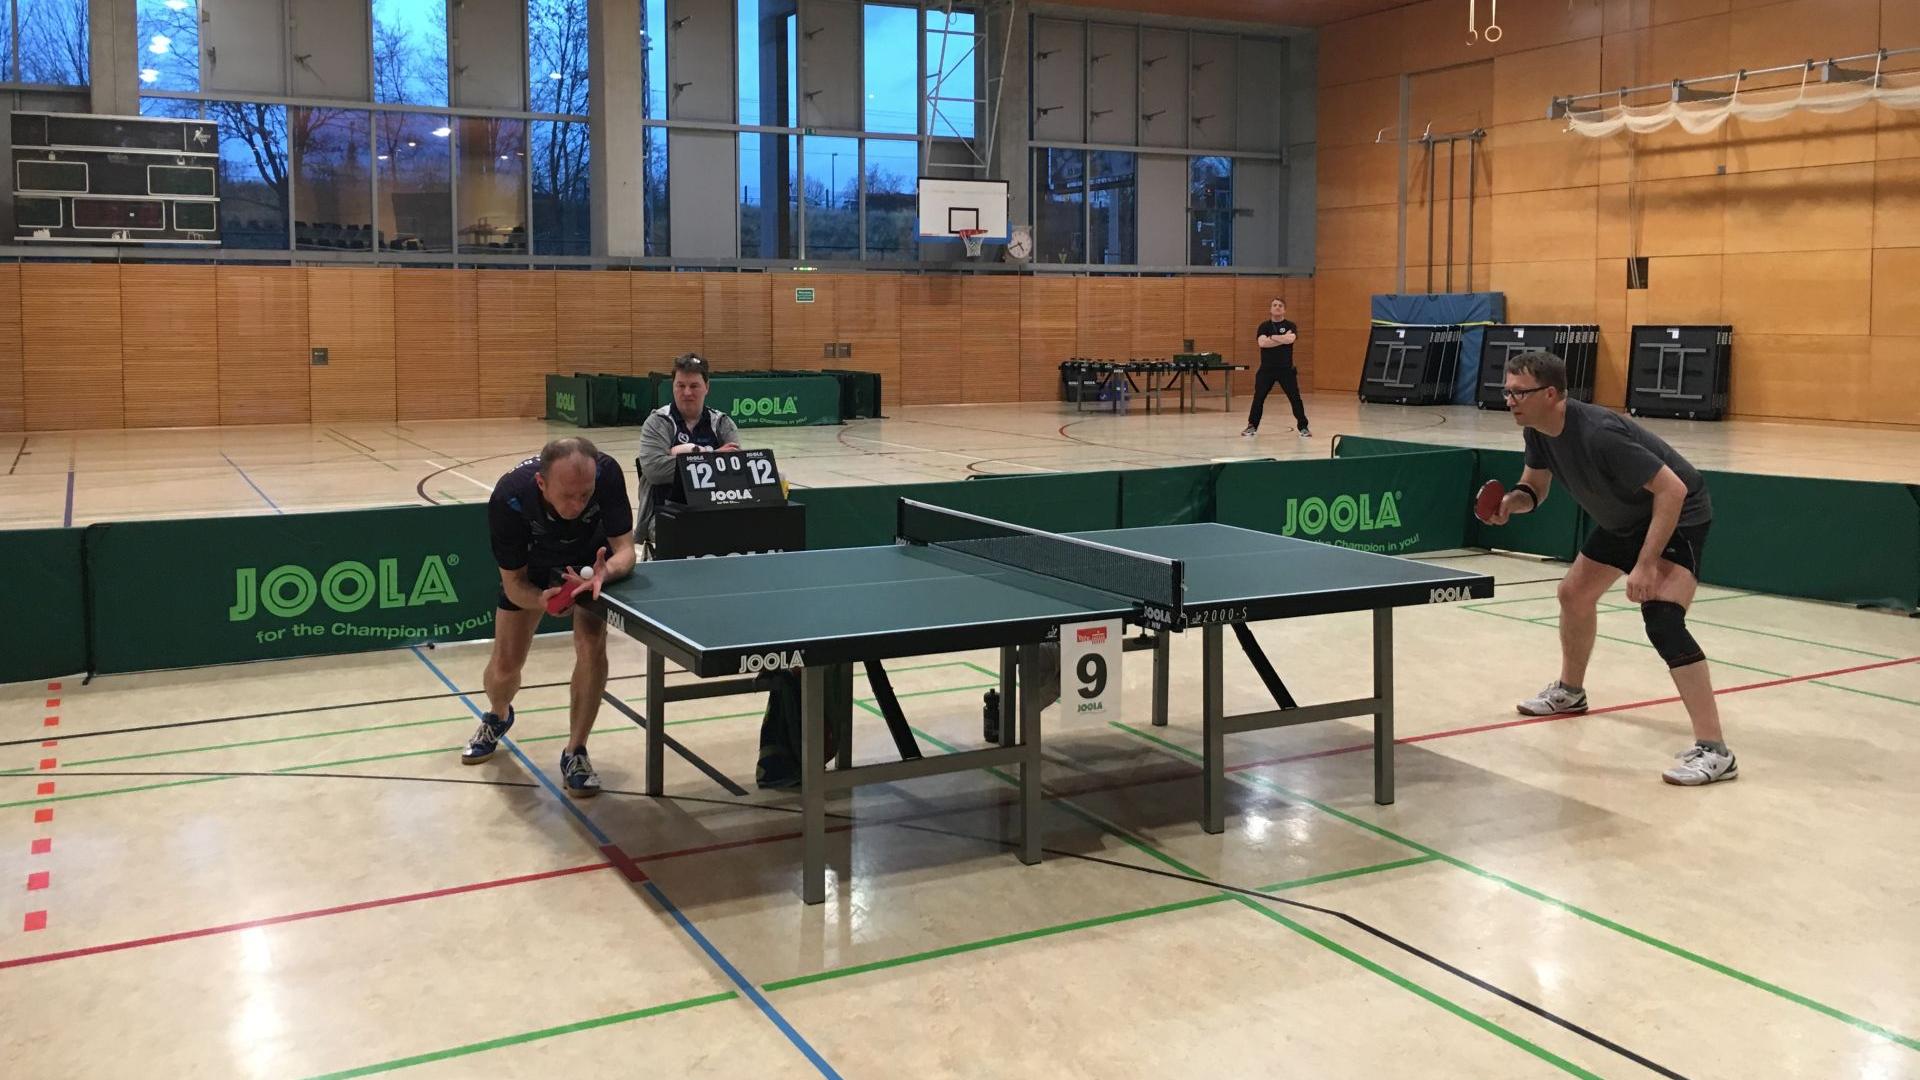 Finale BEM Senioren Ü40: J. Hermann (Hertha BSC, links) und Thomas (Steglitzer TTK), Foto: P. Wode